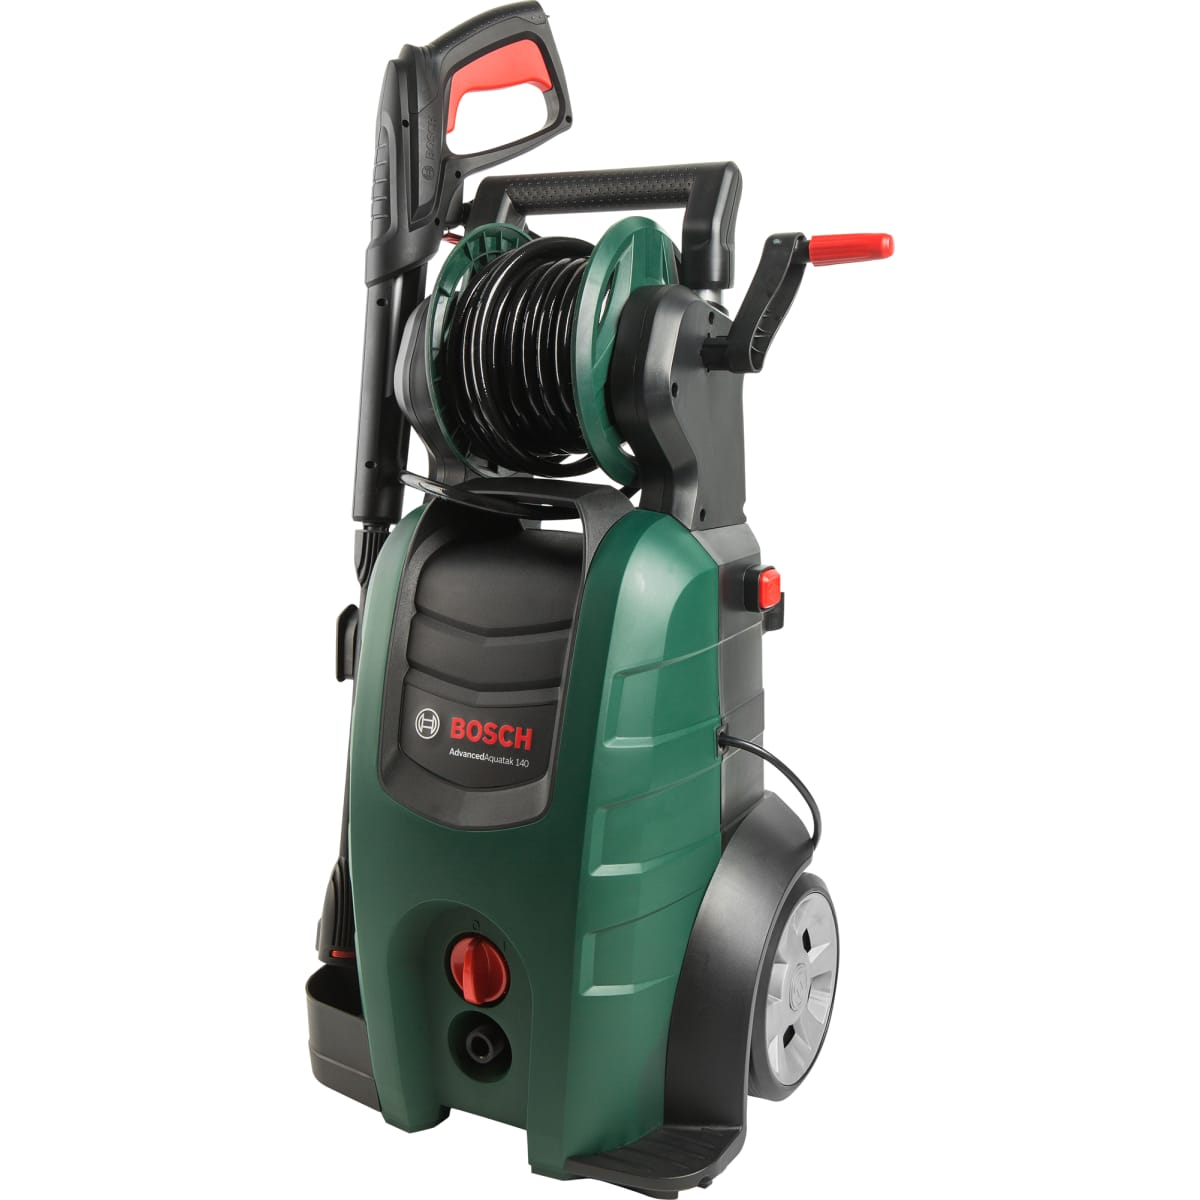 Мойка высокого давления Bosch AdvancedAquatak 140, 2200 Вт, 140 бар, 450 л/ч